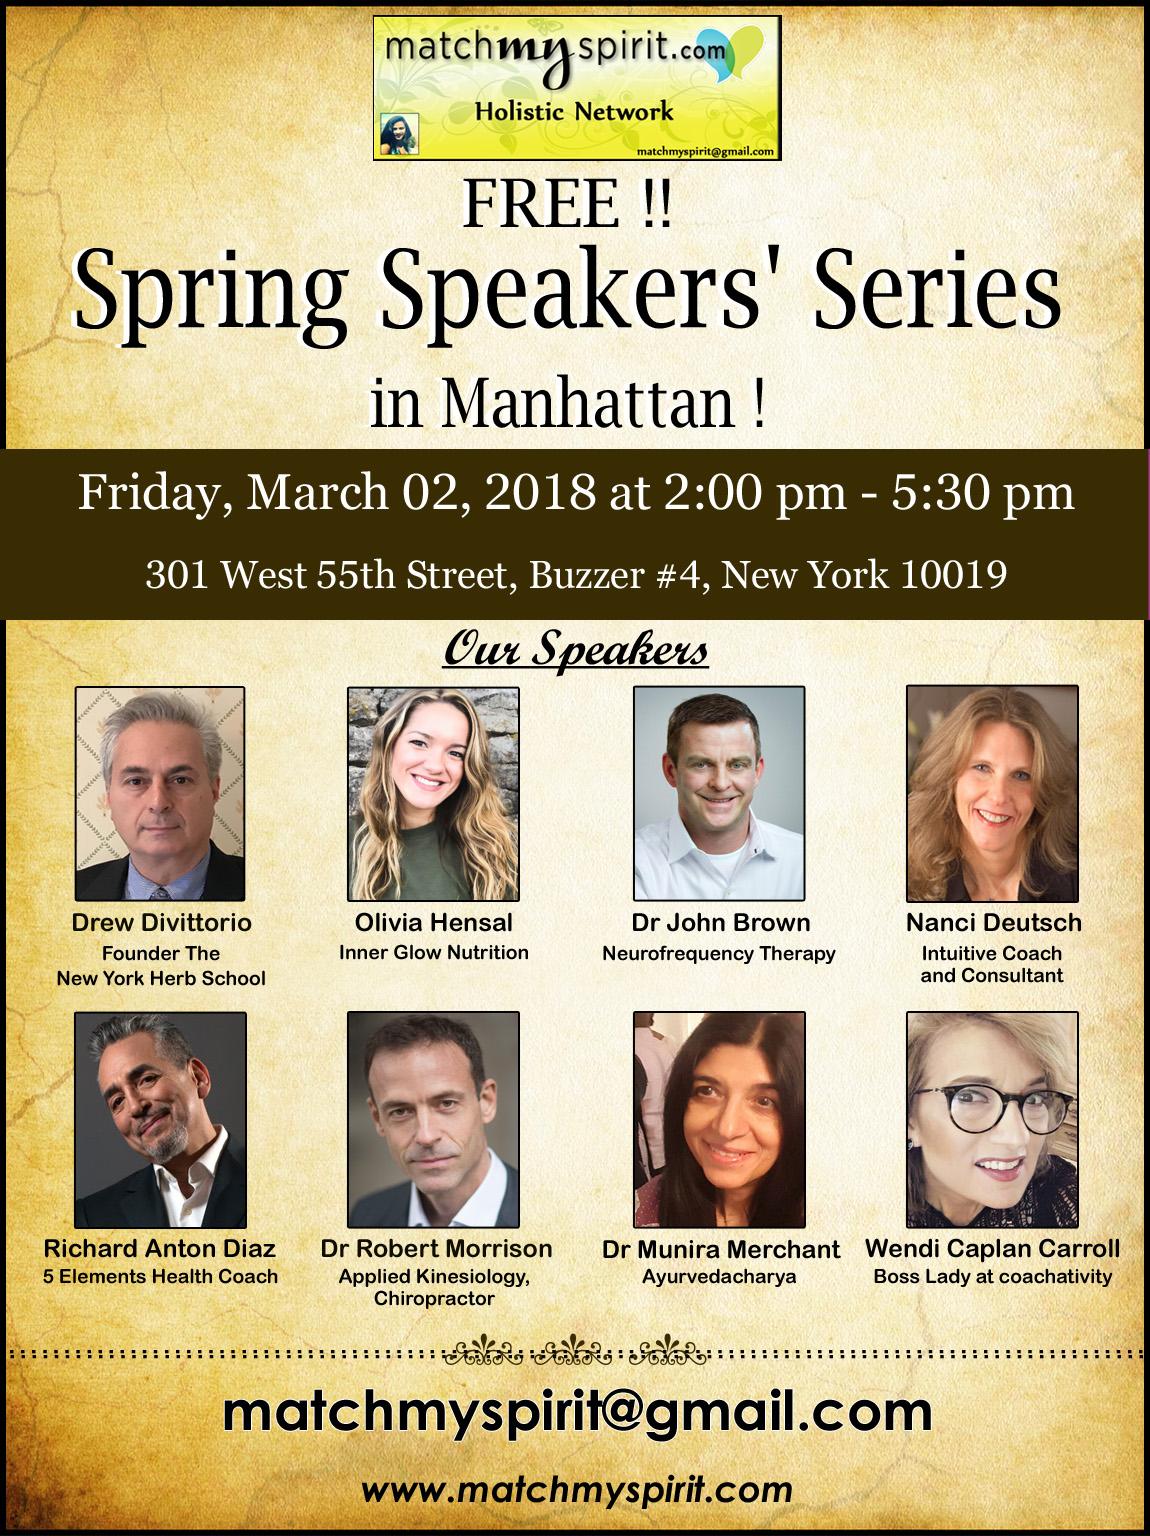 FREE!! Spring Speakers' Series in Manhattan